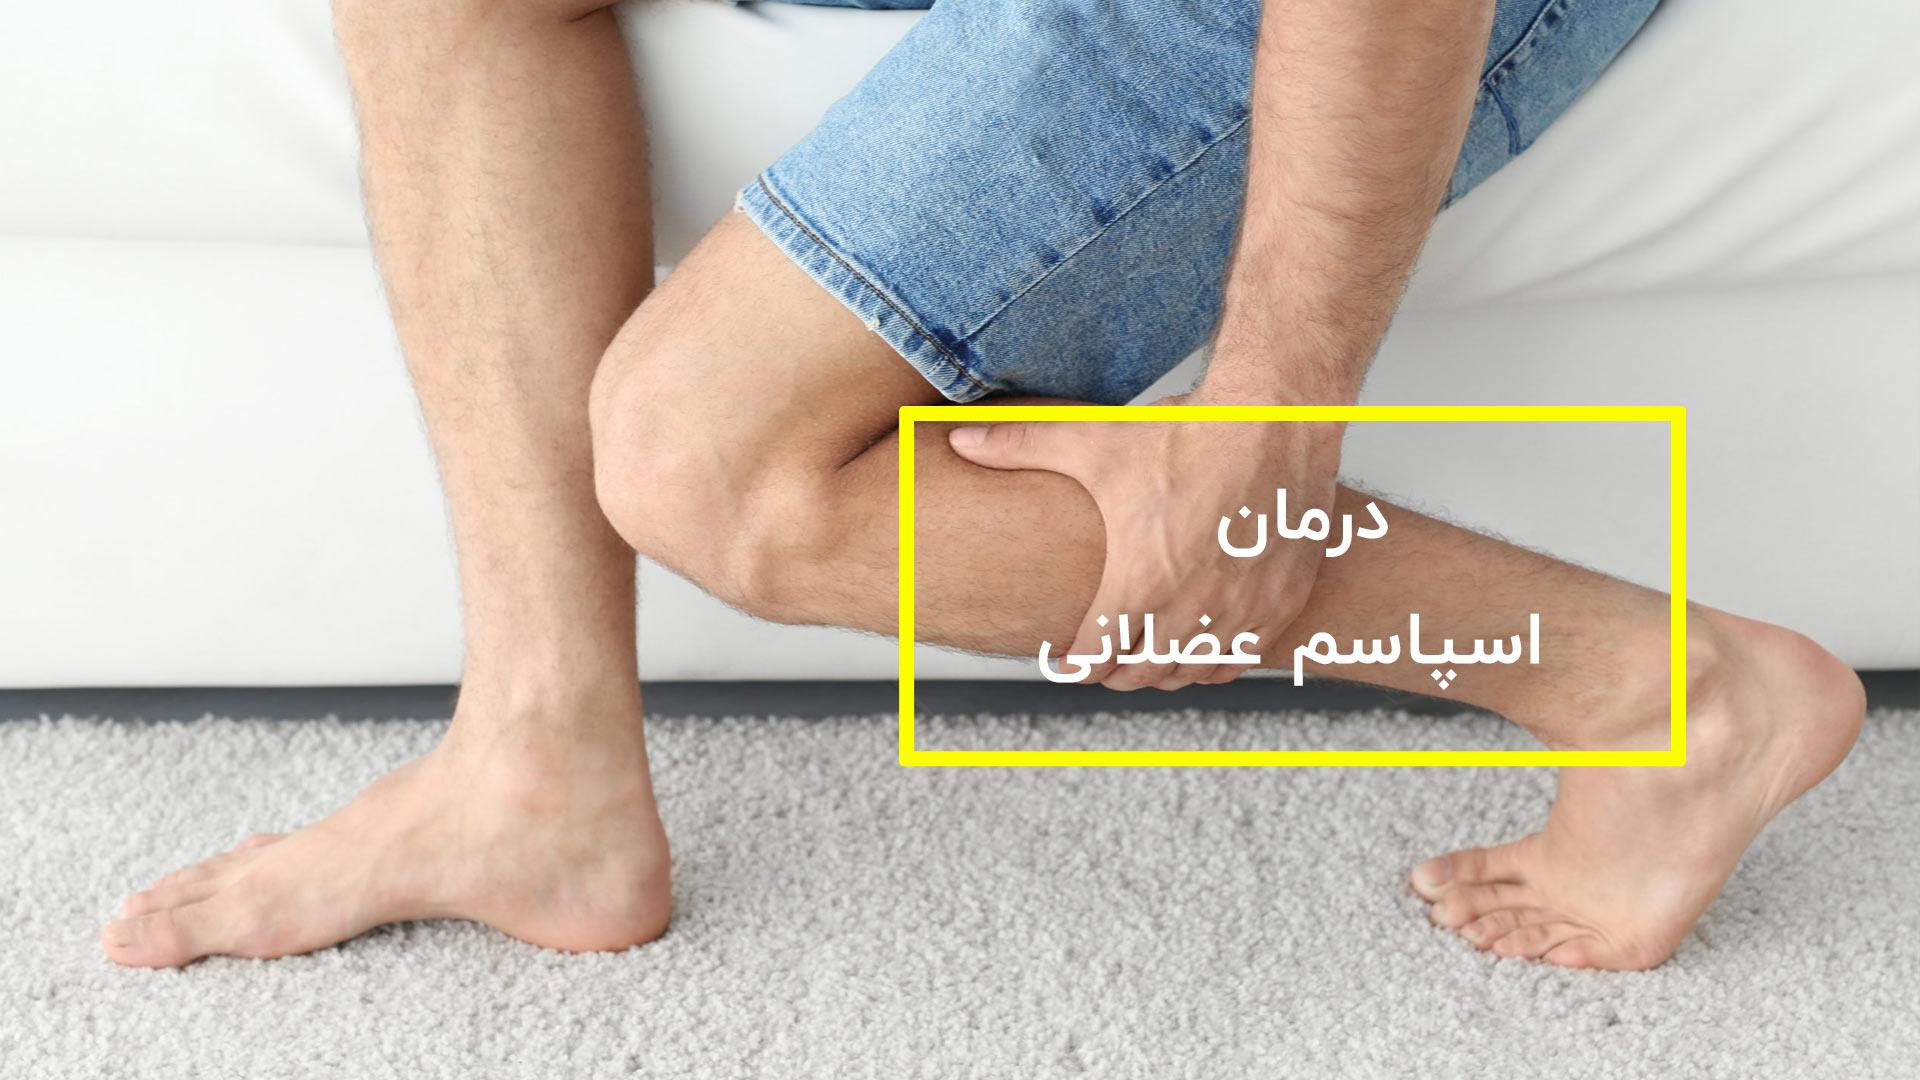 9 روش درمانی برای اسپاسم عضلانی